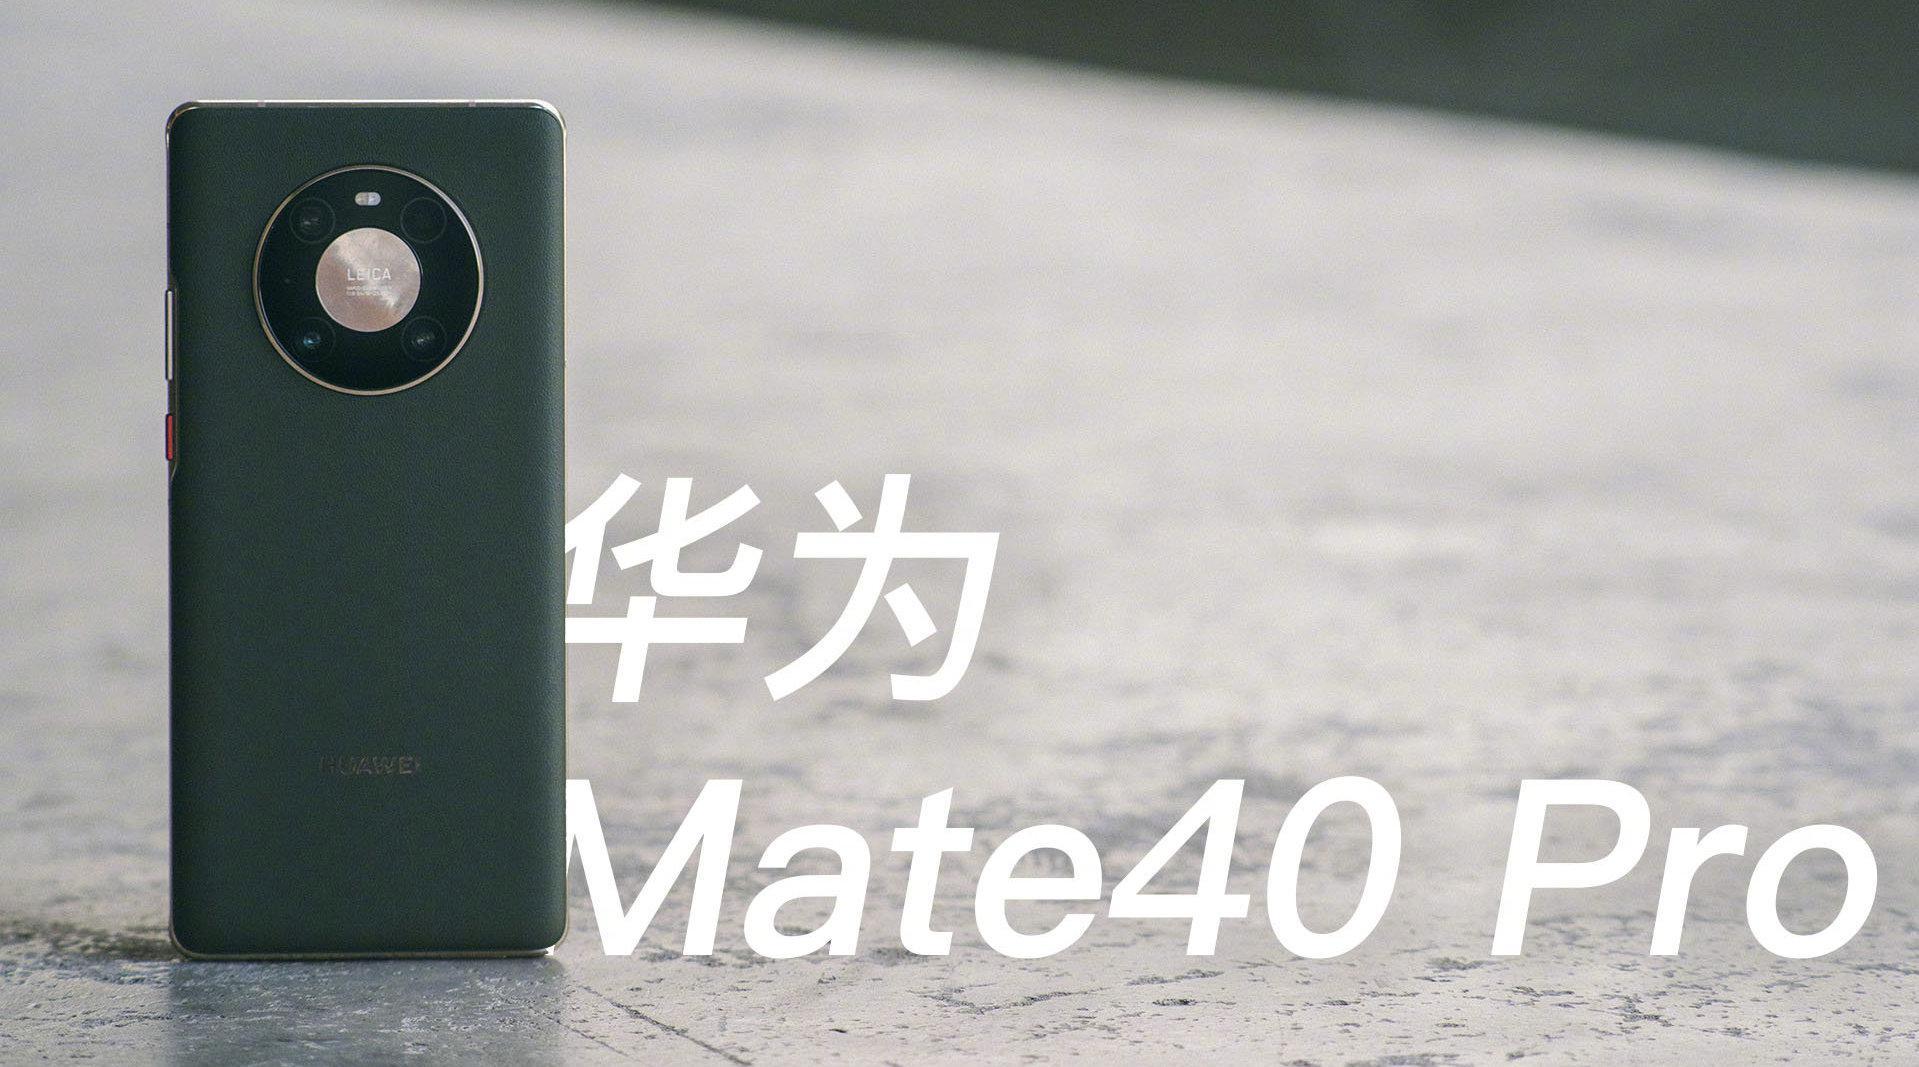 华为Mate40 Pro上手体验:期待已久的华为年度旗舰手机来了